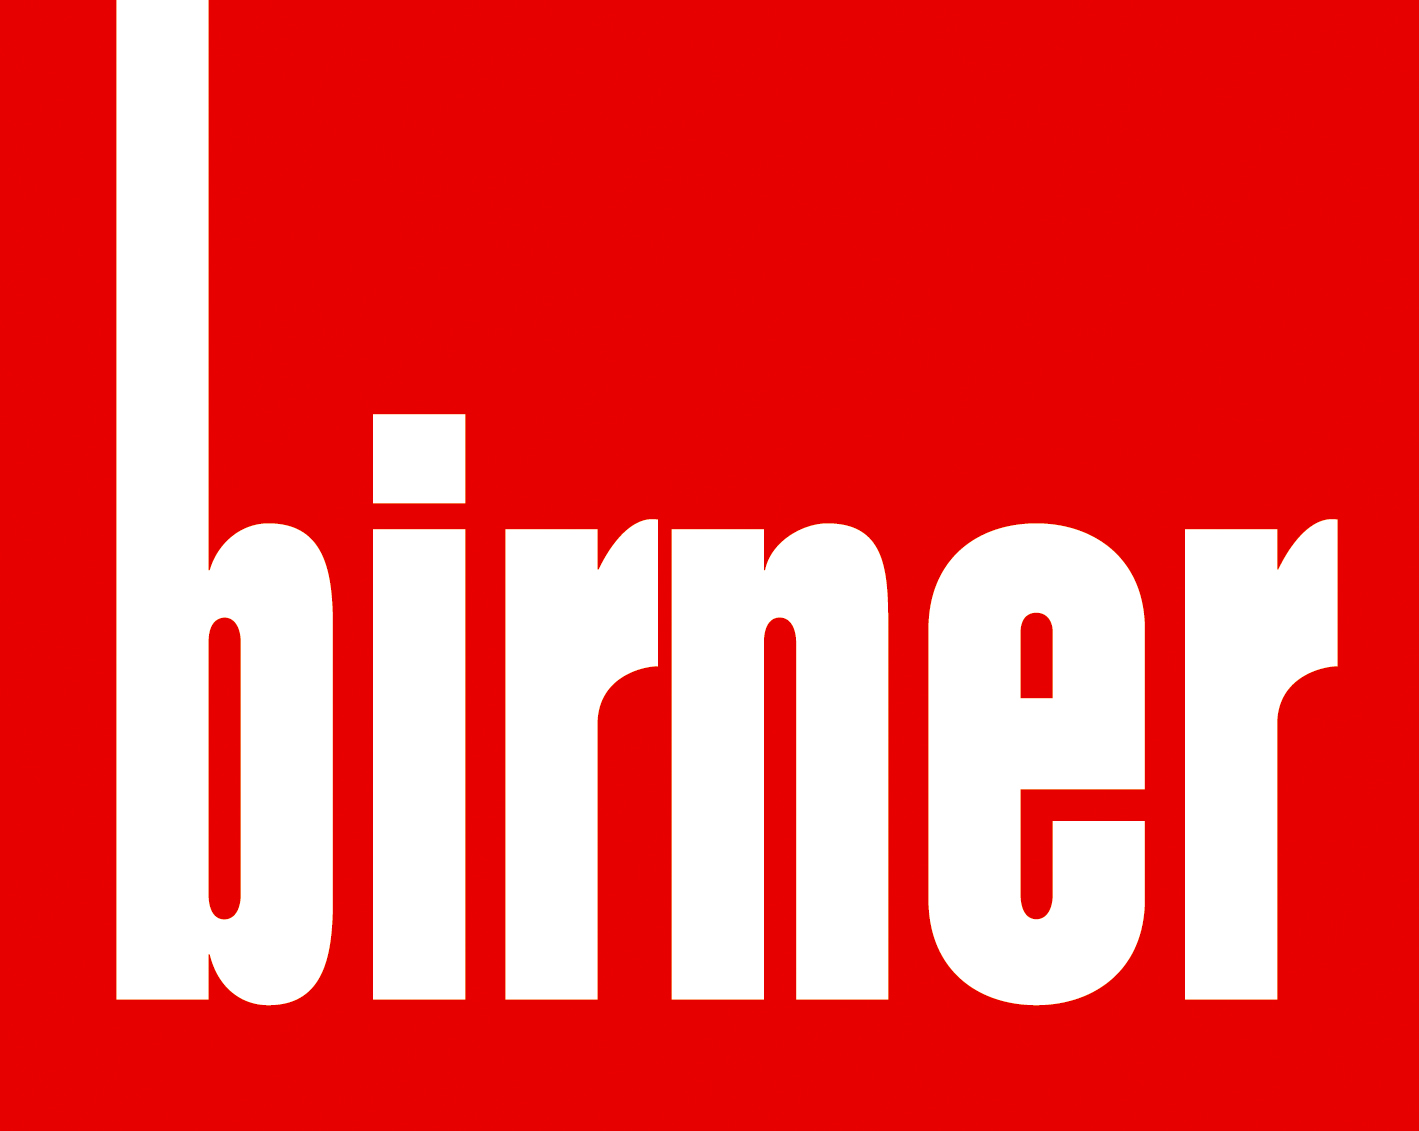 Birner Perchtoldsdorf